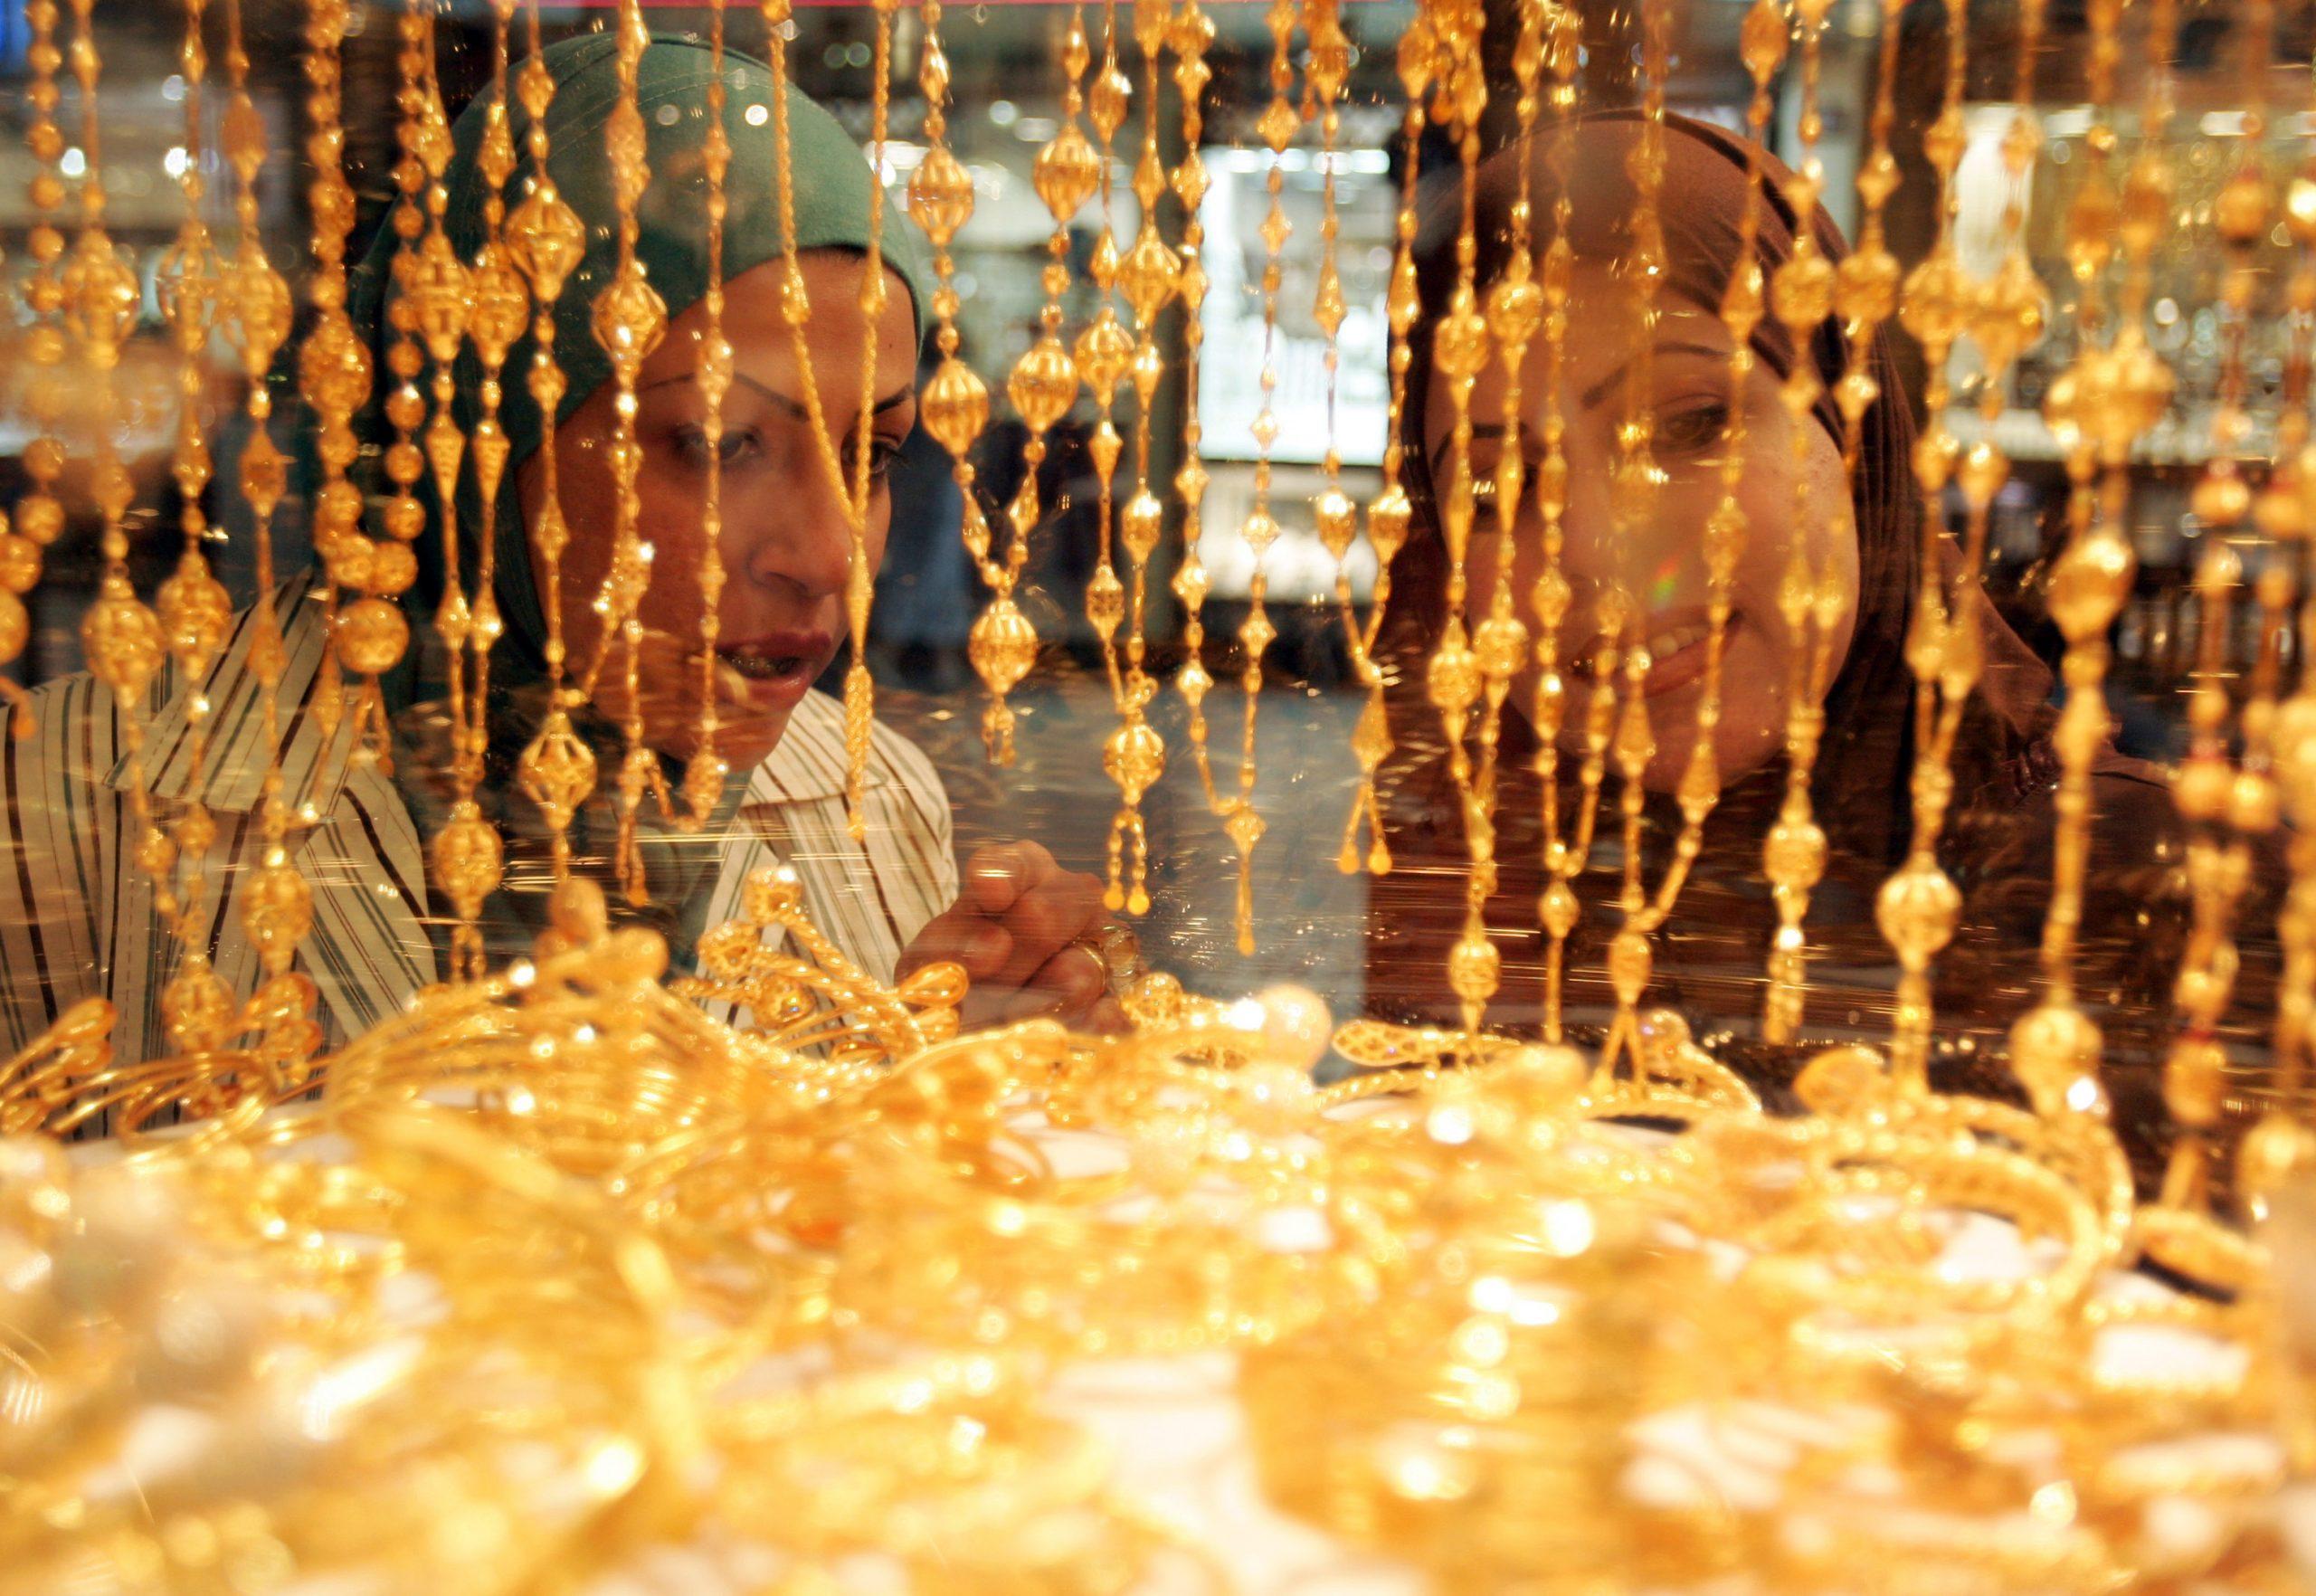 سعر الذهب اليوم في مصر 27- 12 -2020 وتوقعات الخبراء لأسعار المعدن الأصفر خلال الأيام المقبلة